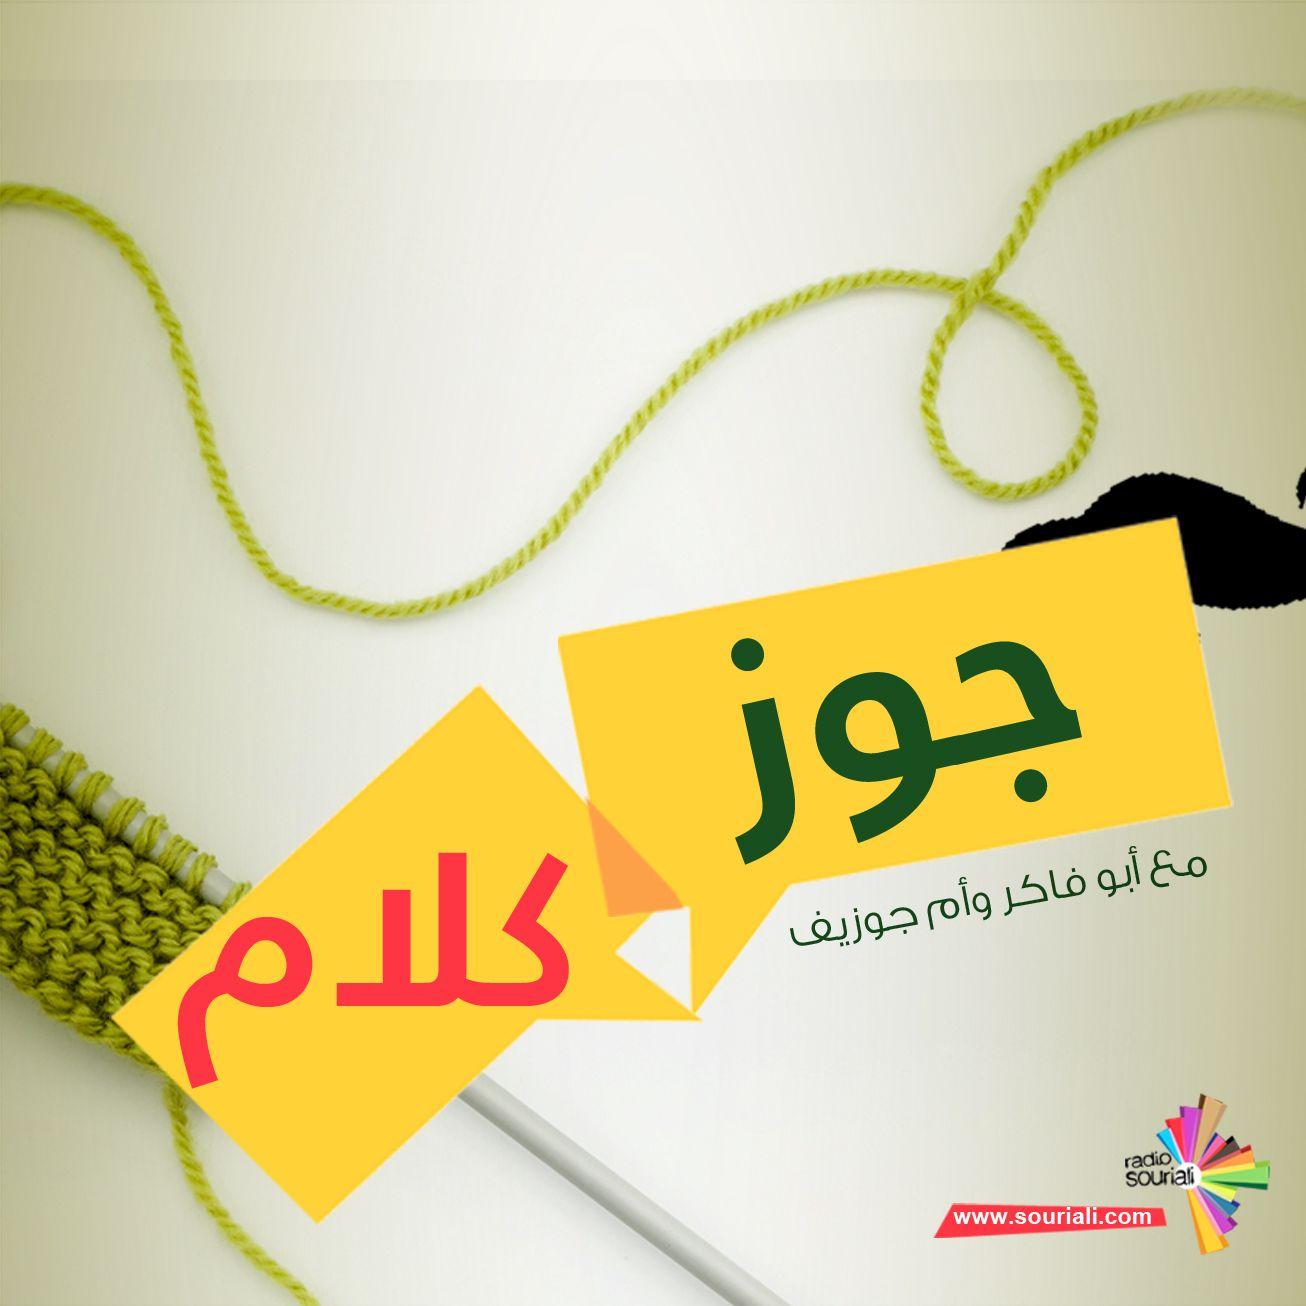 أسعار رمضانية - جوز كلام 159